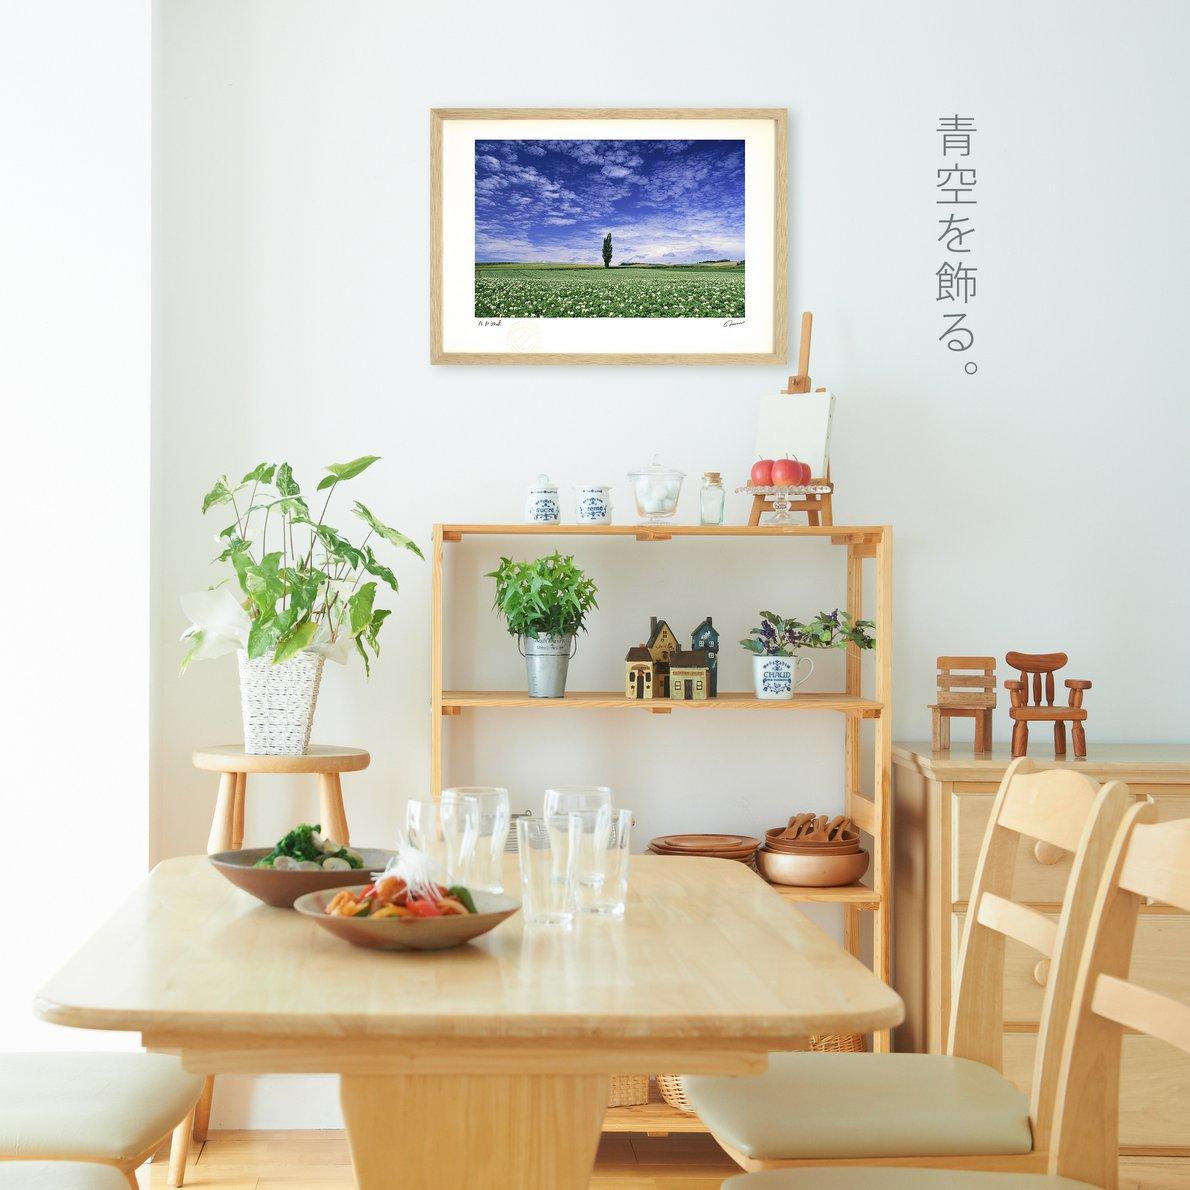 《アートフォト》ポプラの丘1/美瑛町〔富良野・高橋真澄〕(レンタル対象)